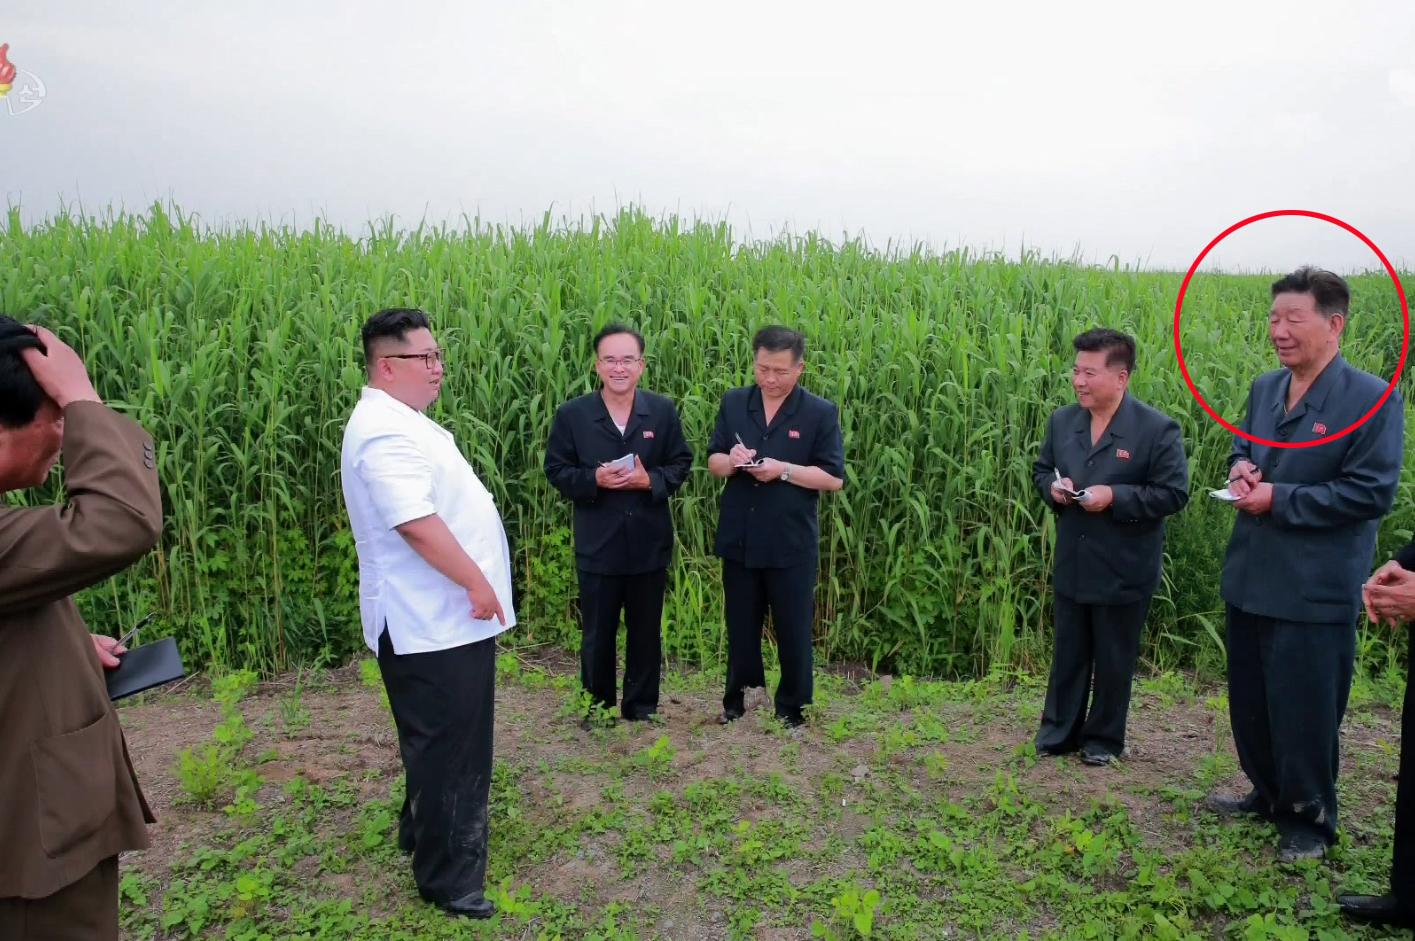 지난해 군 총정치국장에서 물러난 황병서(붉은 원)가 김정은 위원장을 수행하고 있다. 이날 북한 매체들은 관련 보도에서 황병서를 '노동당 중앙위원회 간부'로 호명했다.[연합뉴스]